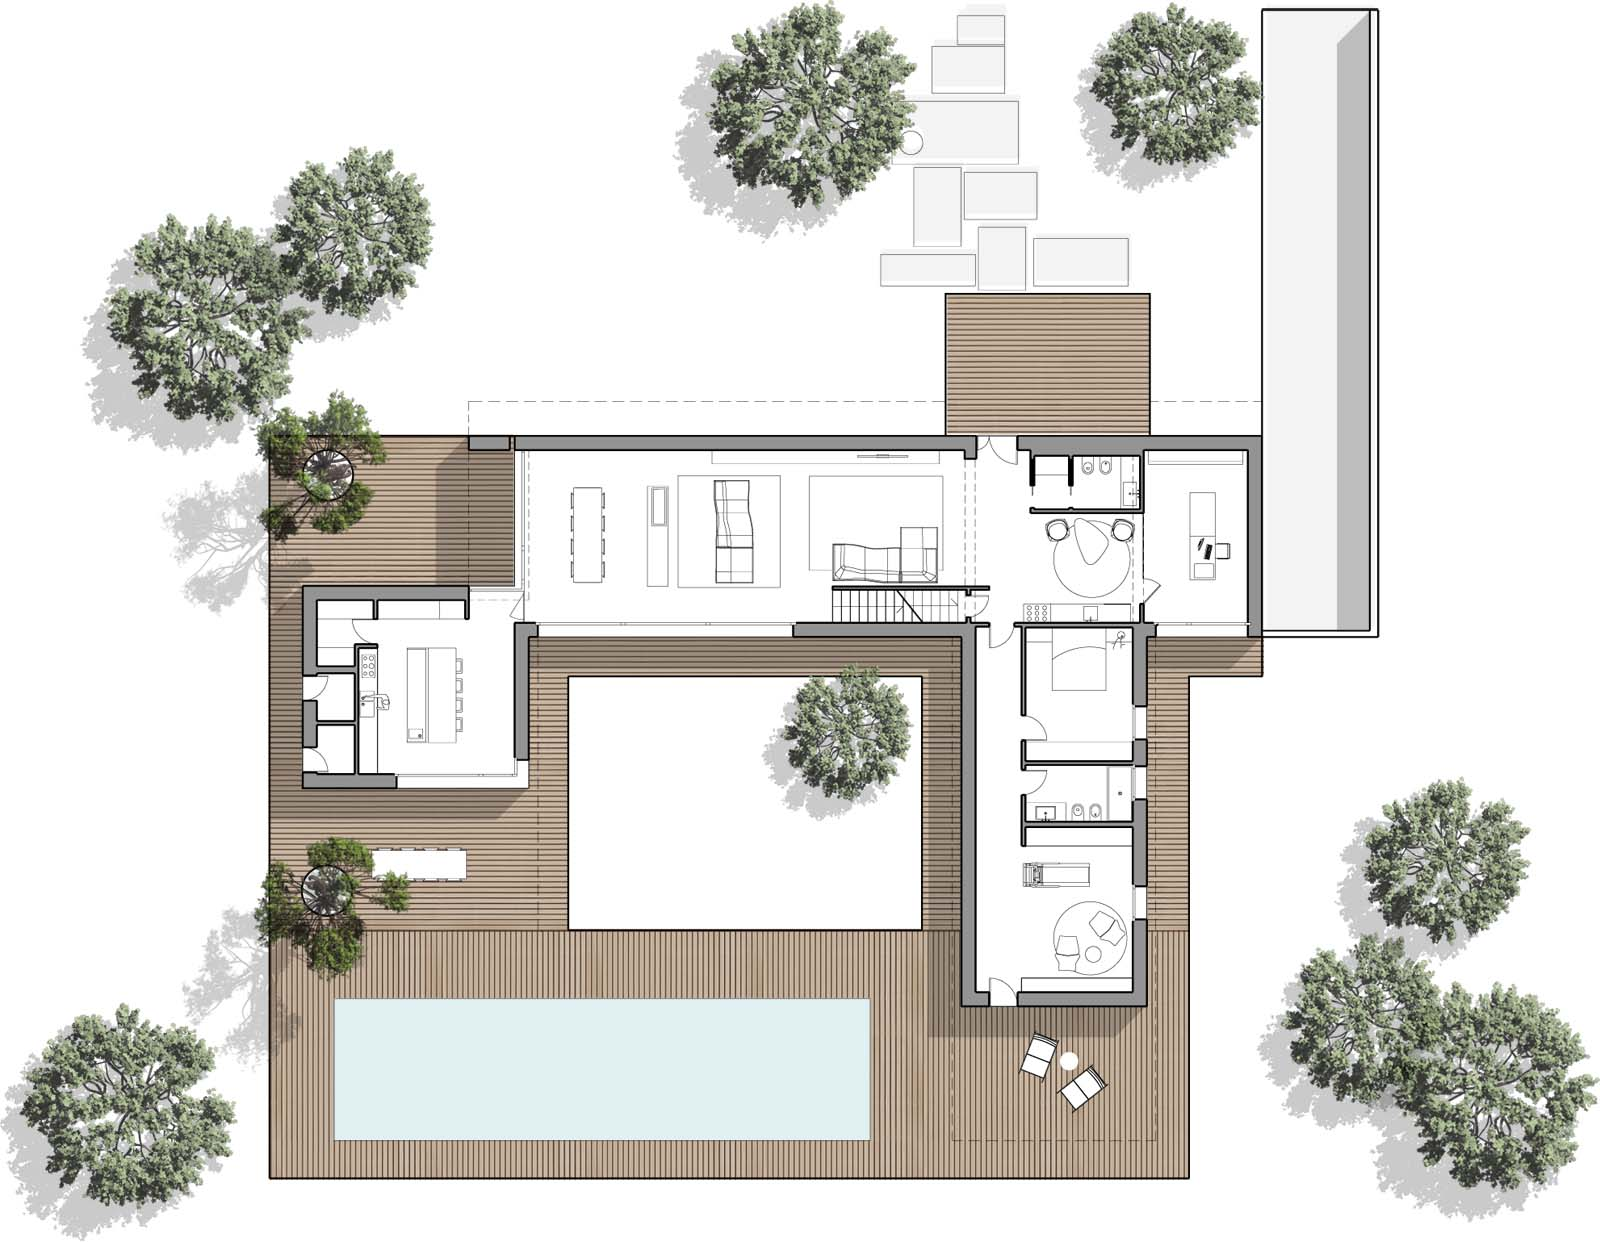 Carlo donati studio la modern for Planimetrie della mia villa